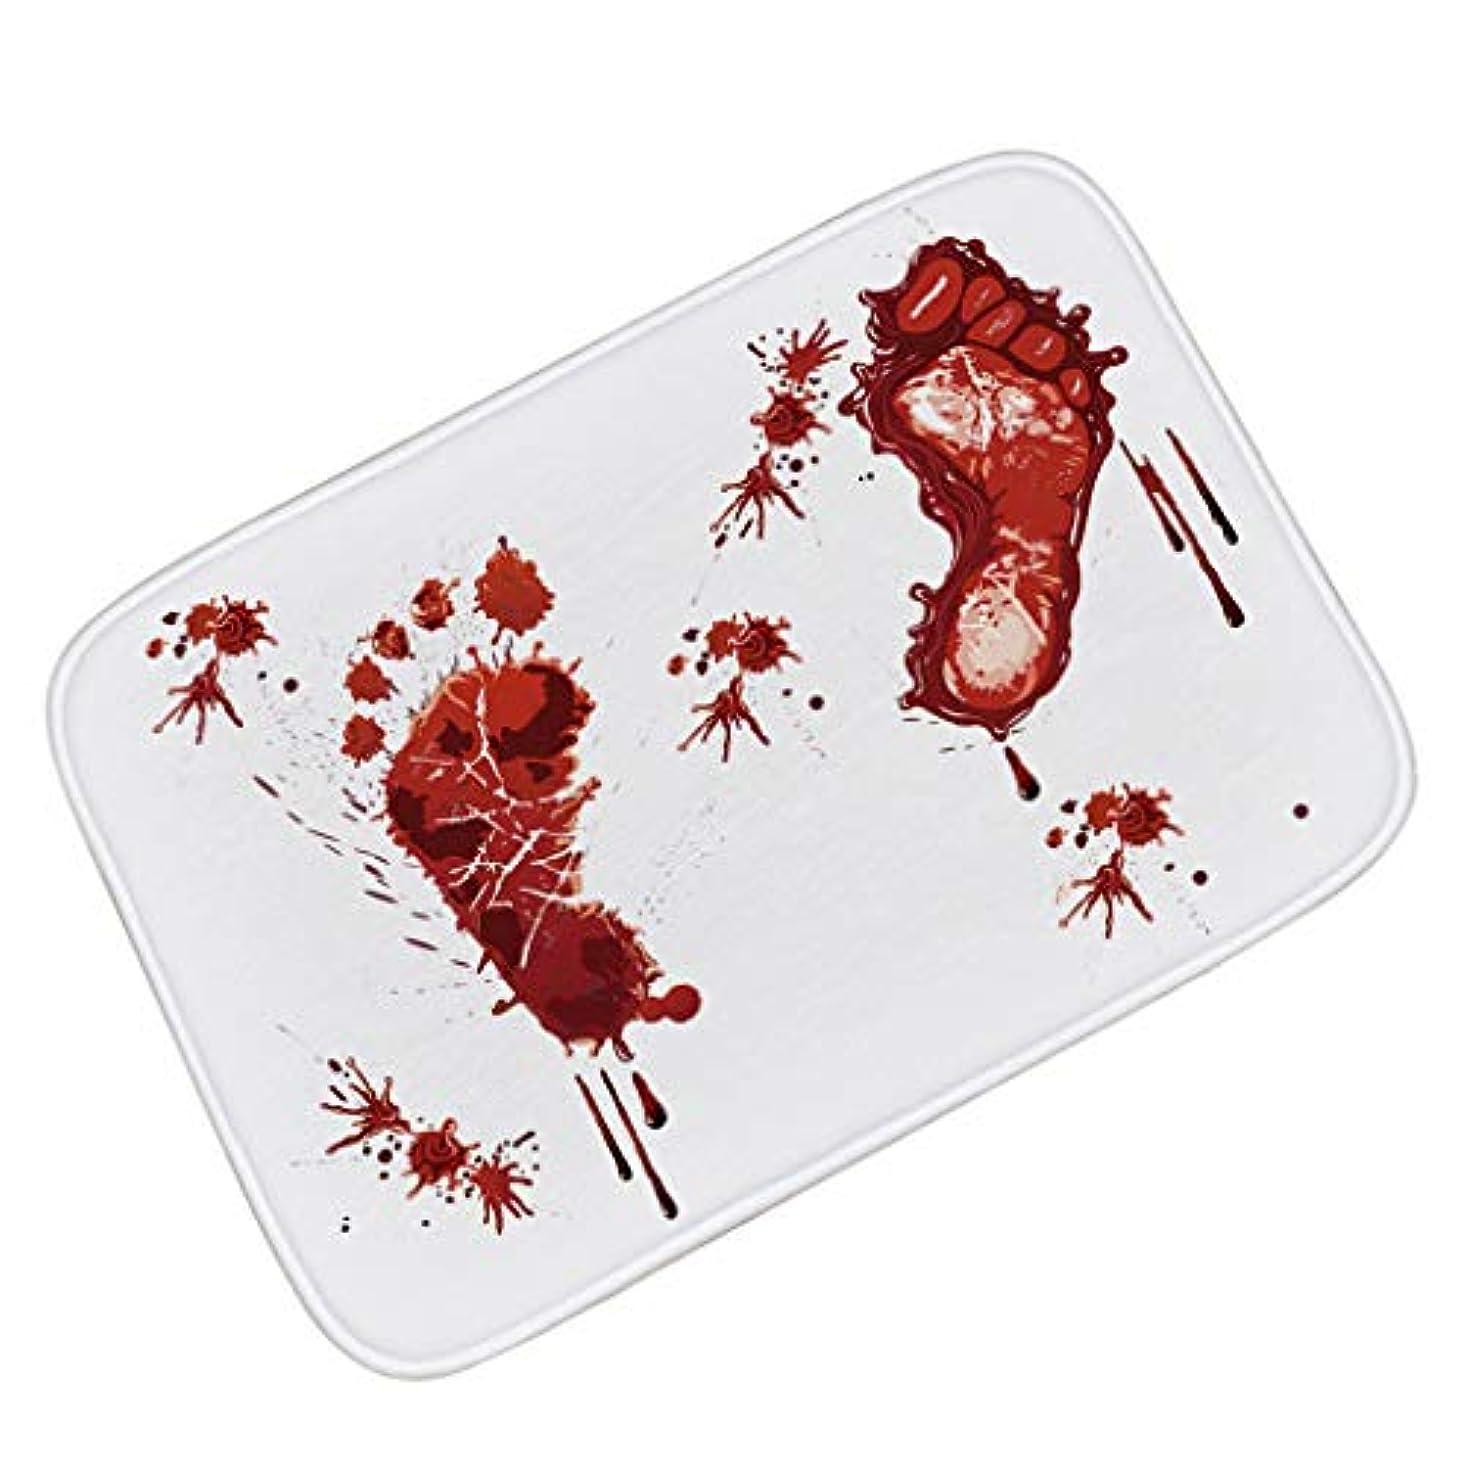 自宅で磁石市区町村ハロウィーンの装飾のマット、血の足跡のスリップ防止マットのホラー血まみれのドアのマット (Color : 50*80CM)